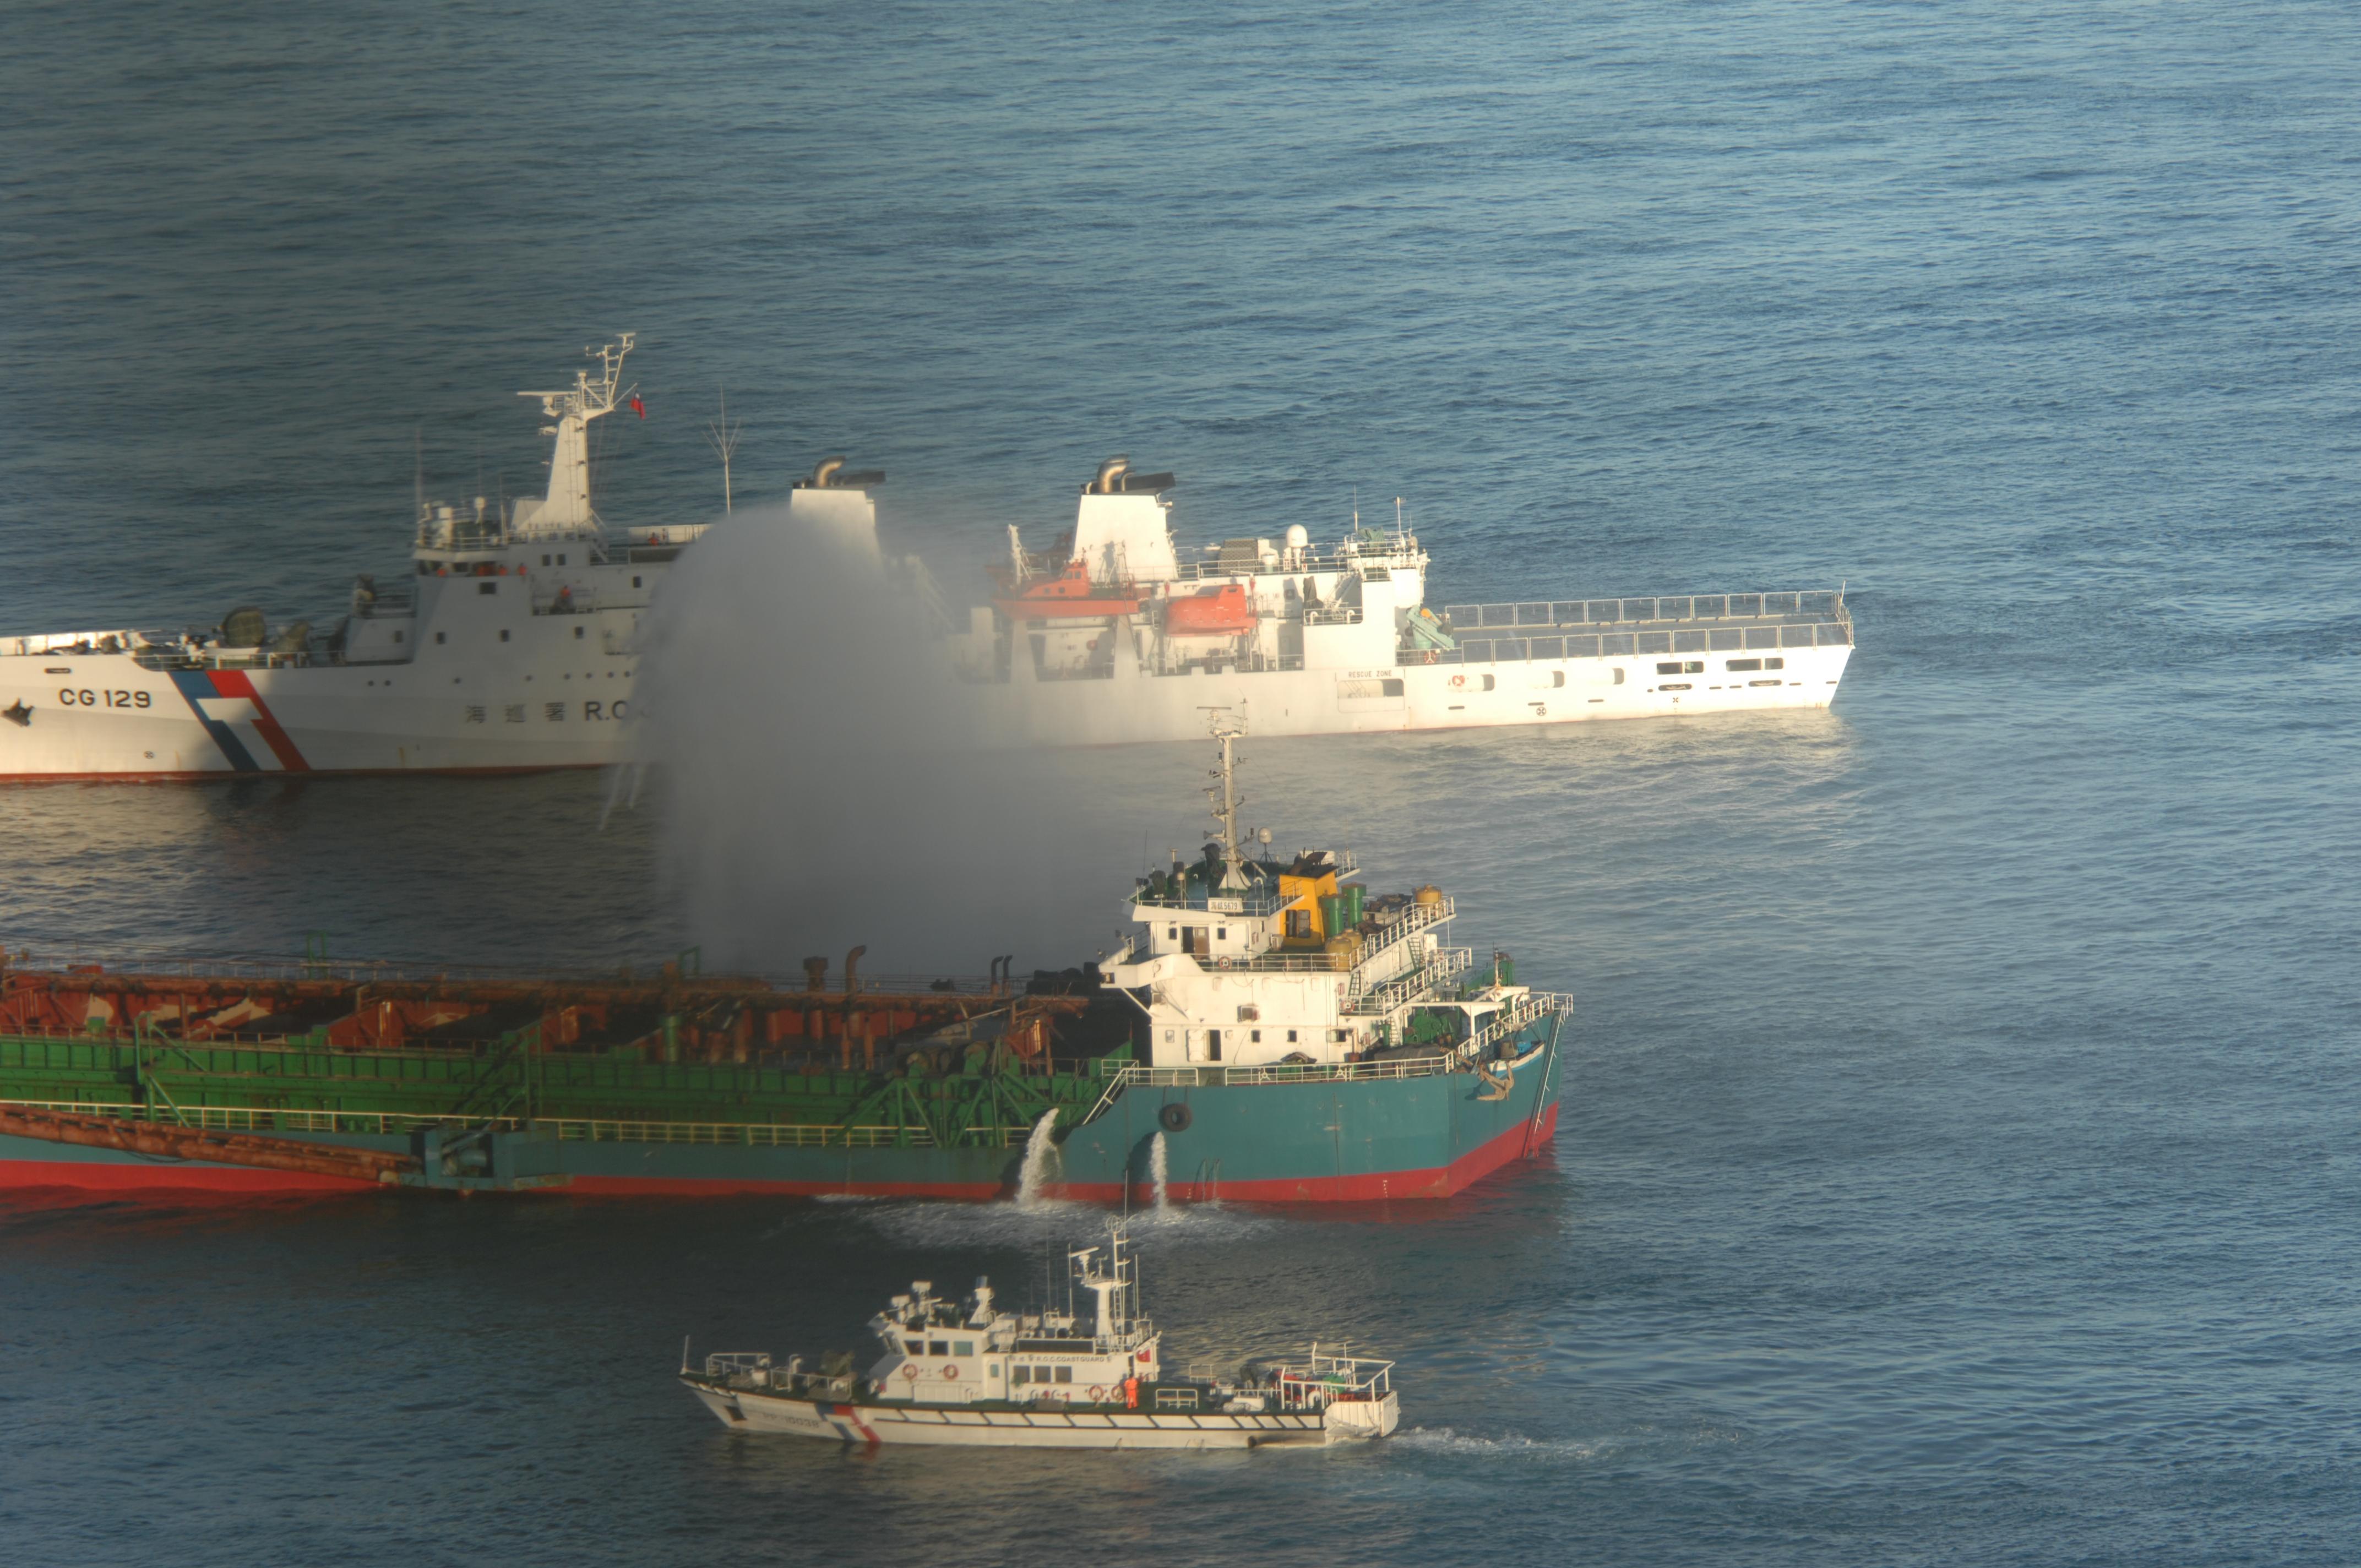 20餘中國船越界 台查扣1船押返10人送辦